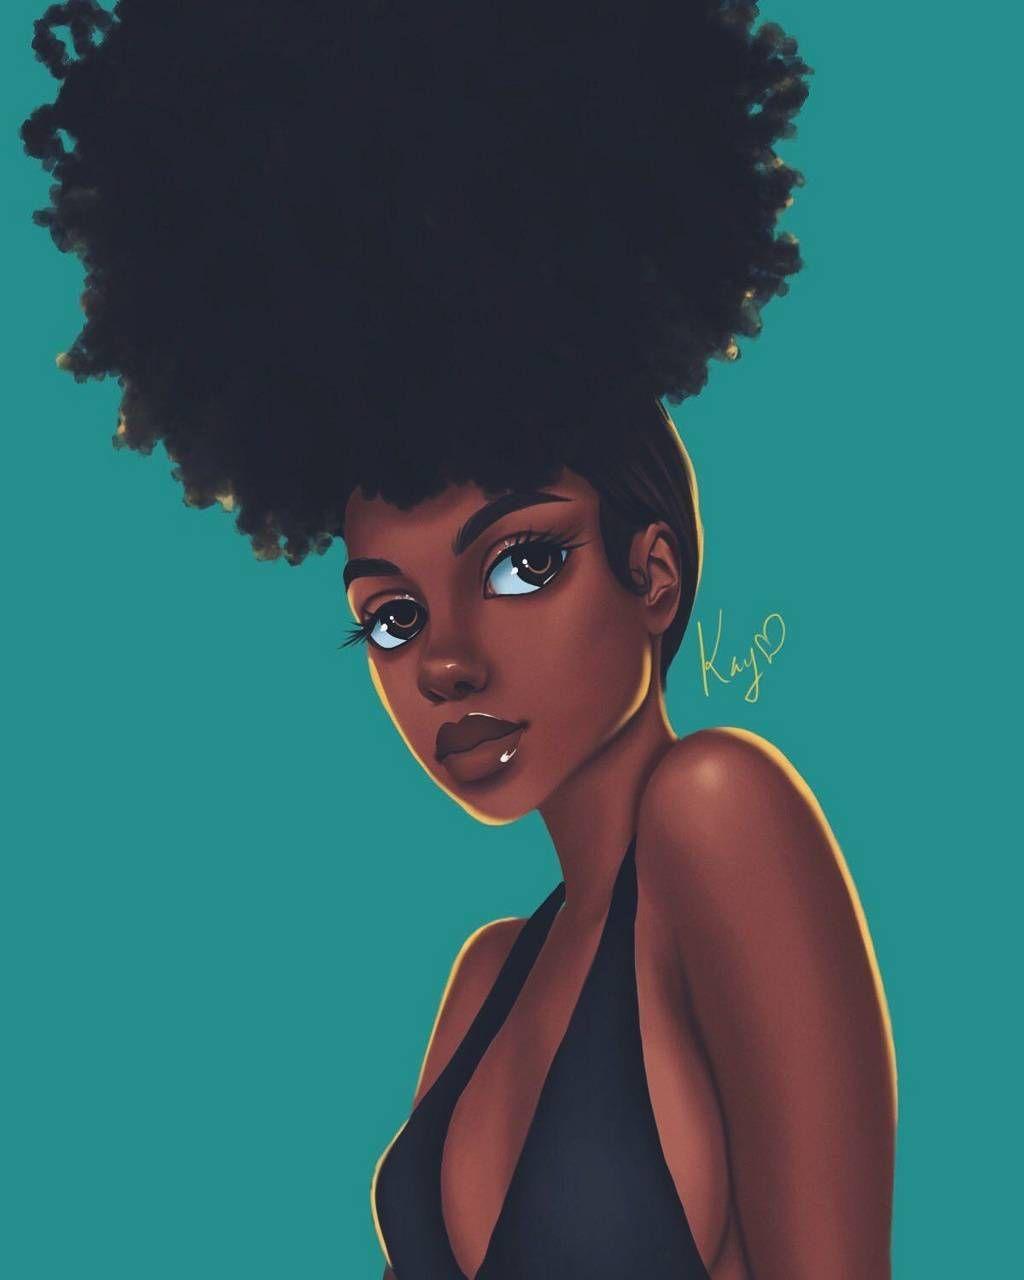 Cute Black Girl Drawings Wallpapers Wallpaper Cave